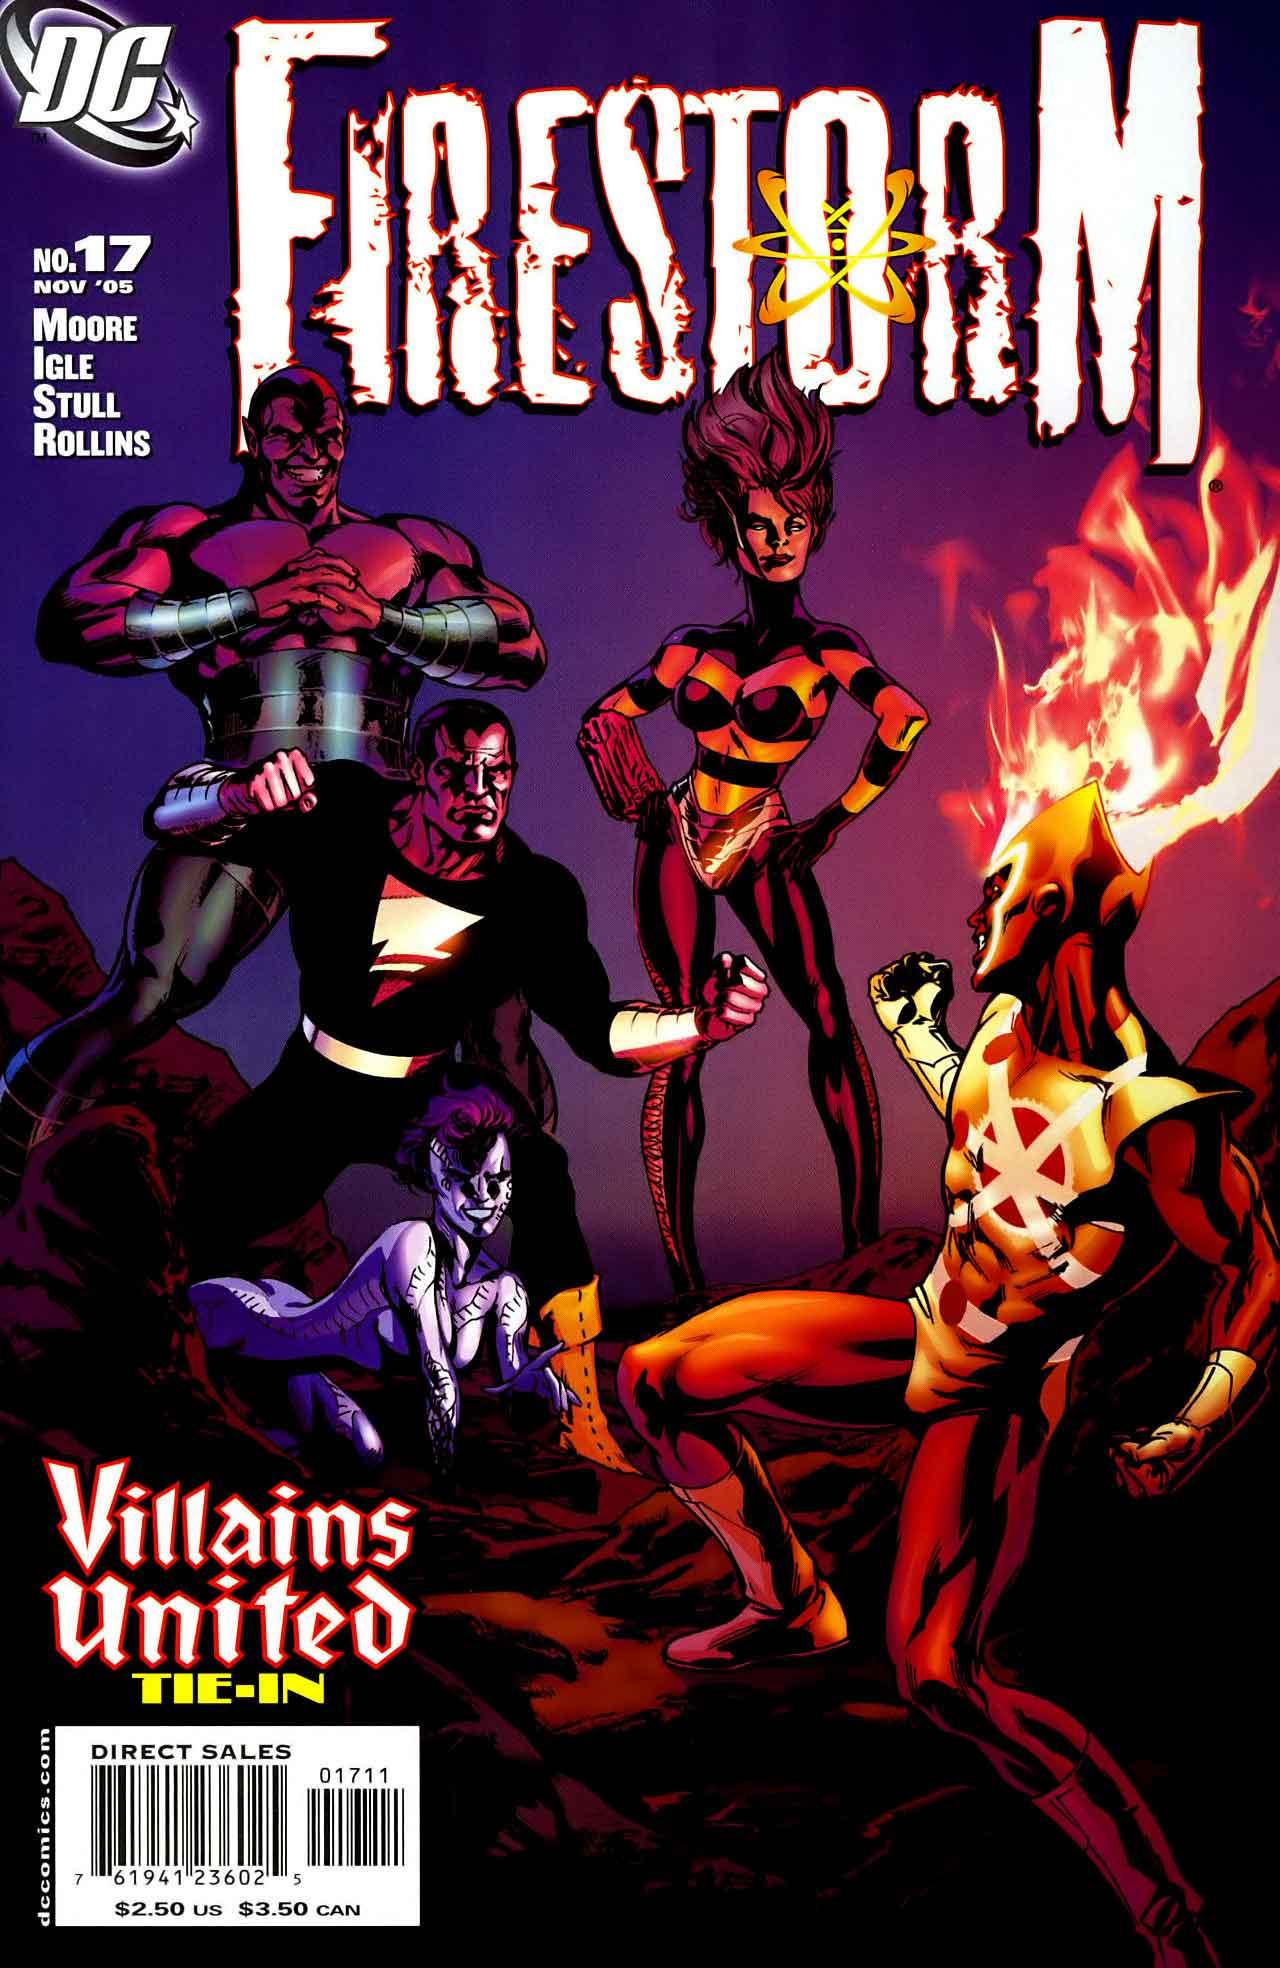 FIRESTORM #17 Cover by Matt Haley